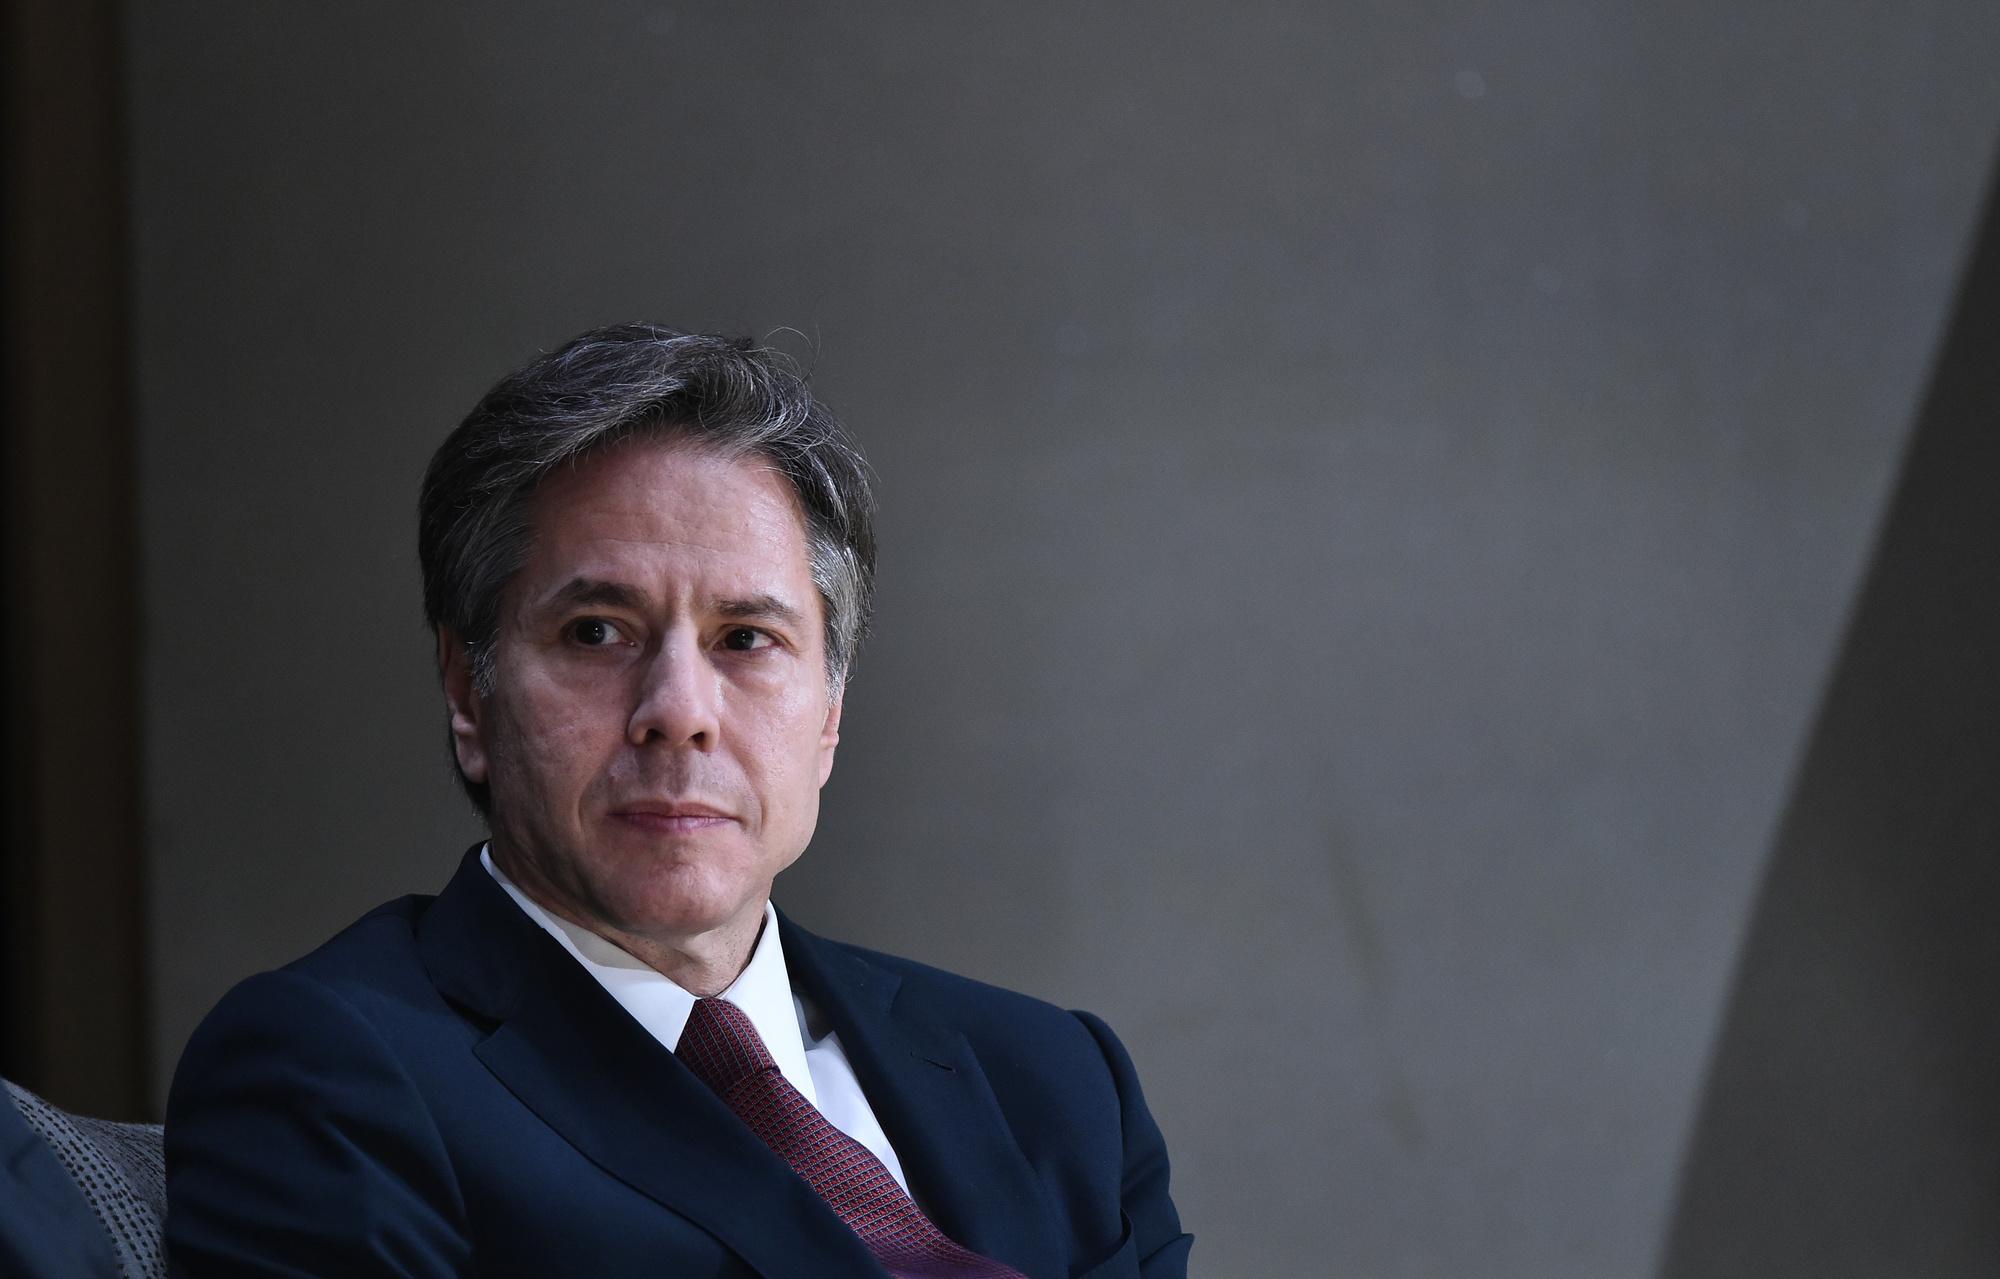 Anthony Blinken, AFP